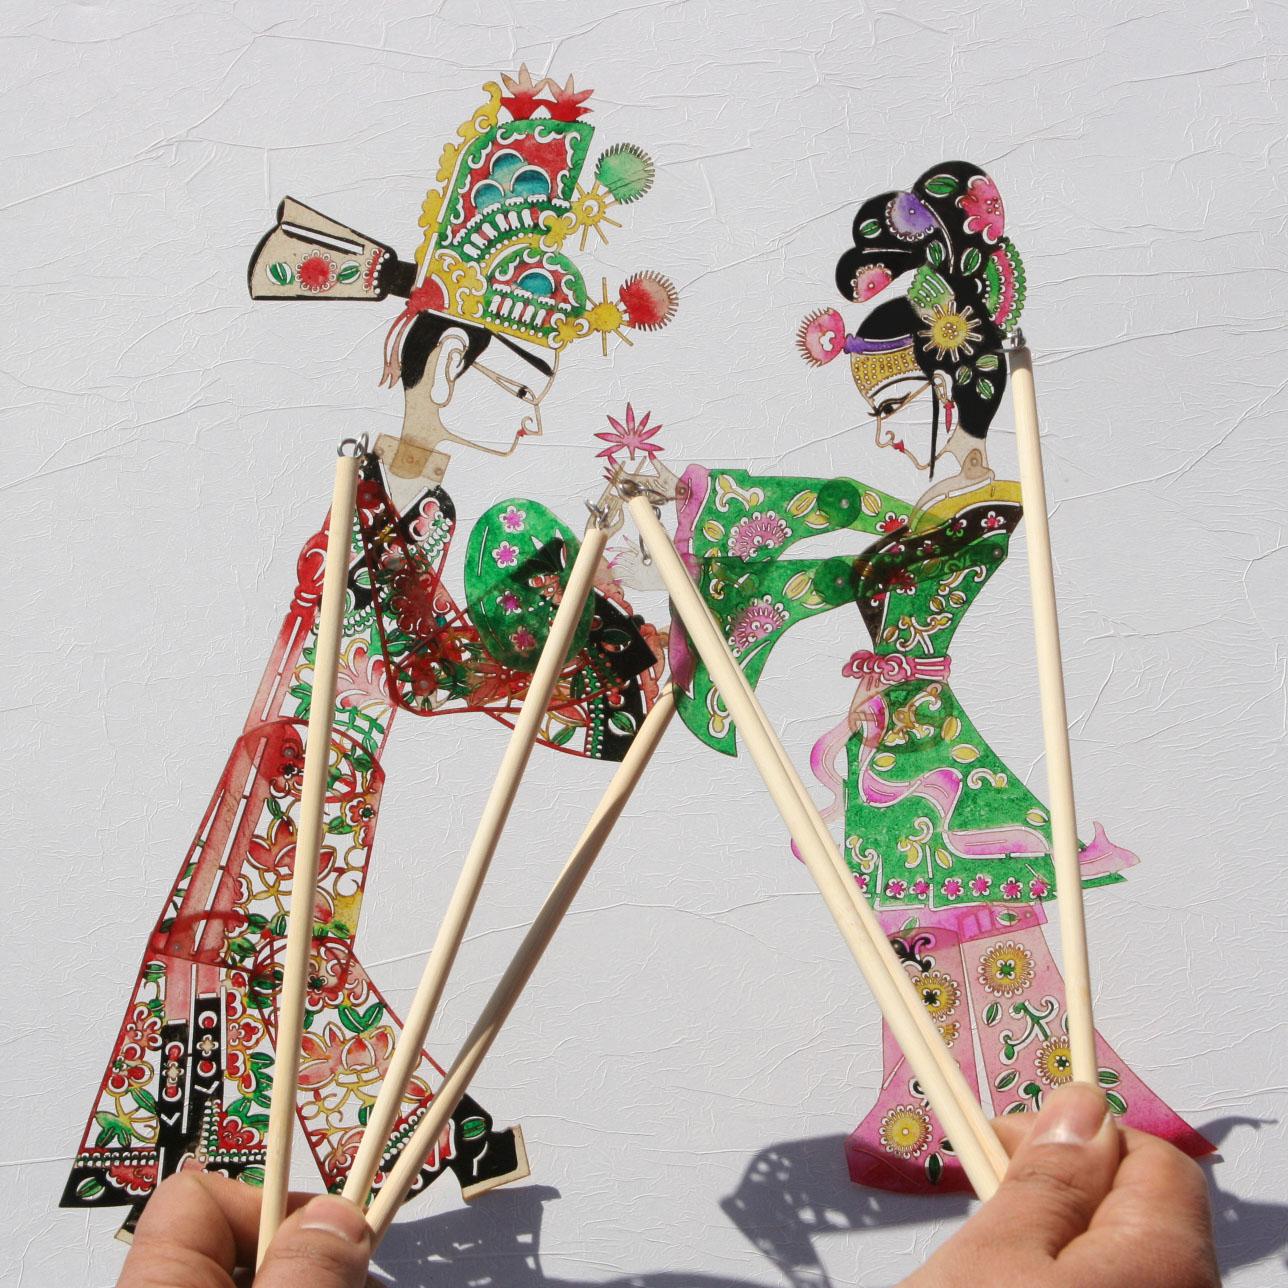 皮影戏手工艺品皮影人偶纪念品送外国人的中国礼物中国特色小礼品